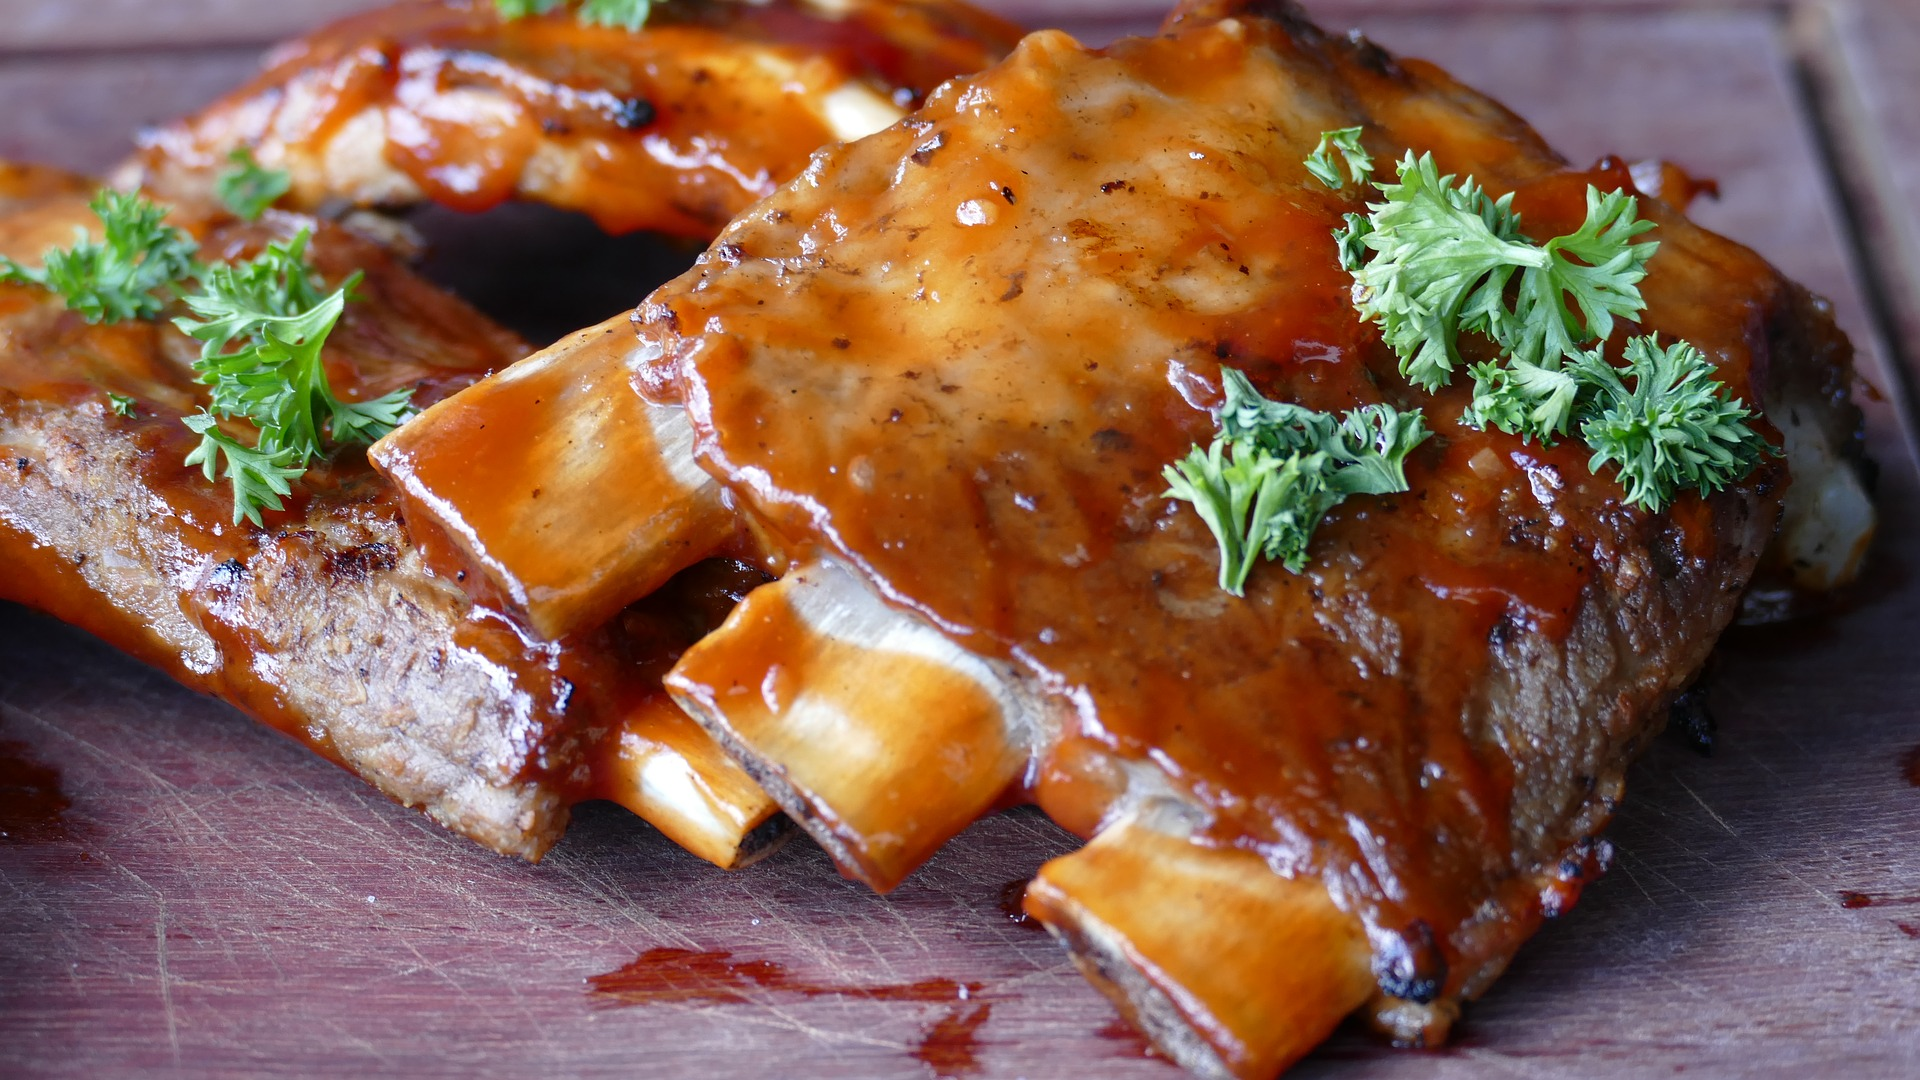 γλυκόξινη σάλτσα για χοιρινό jonakos.gr